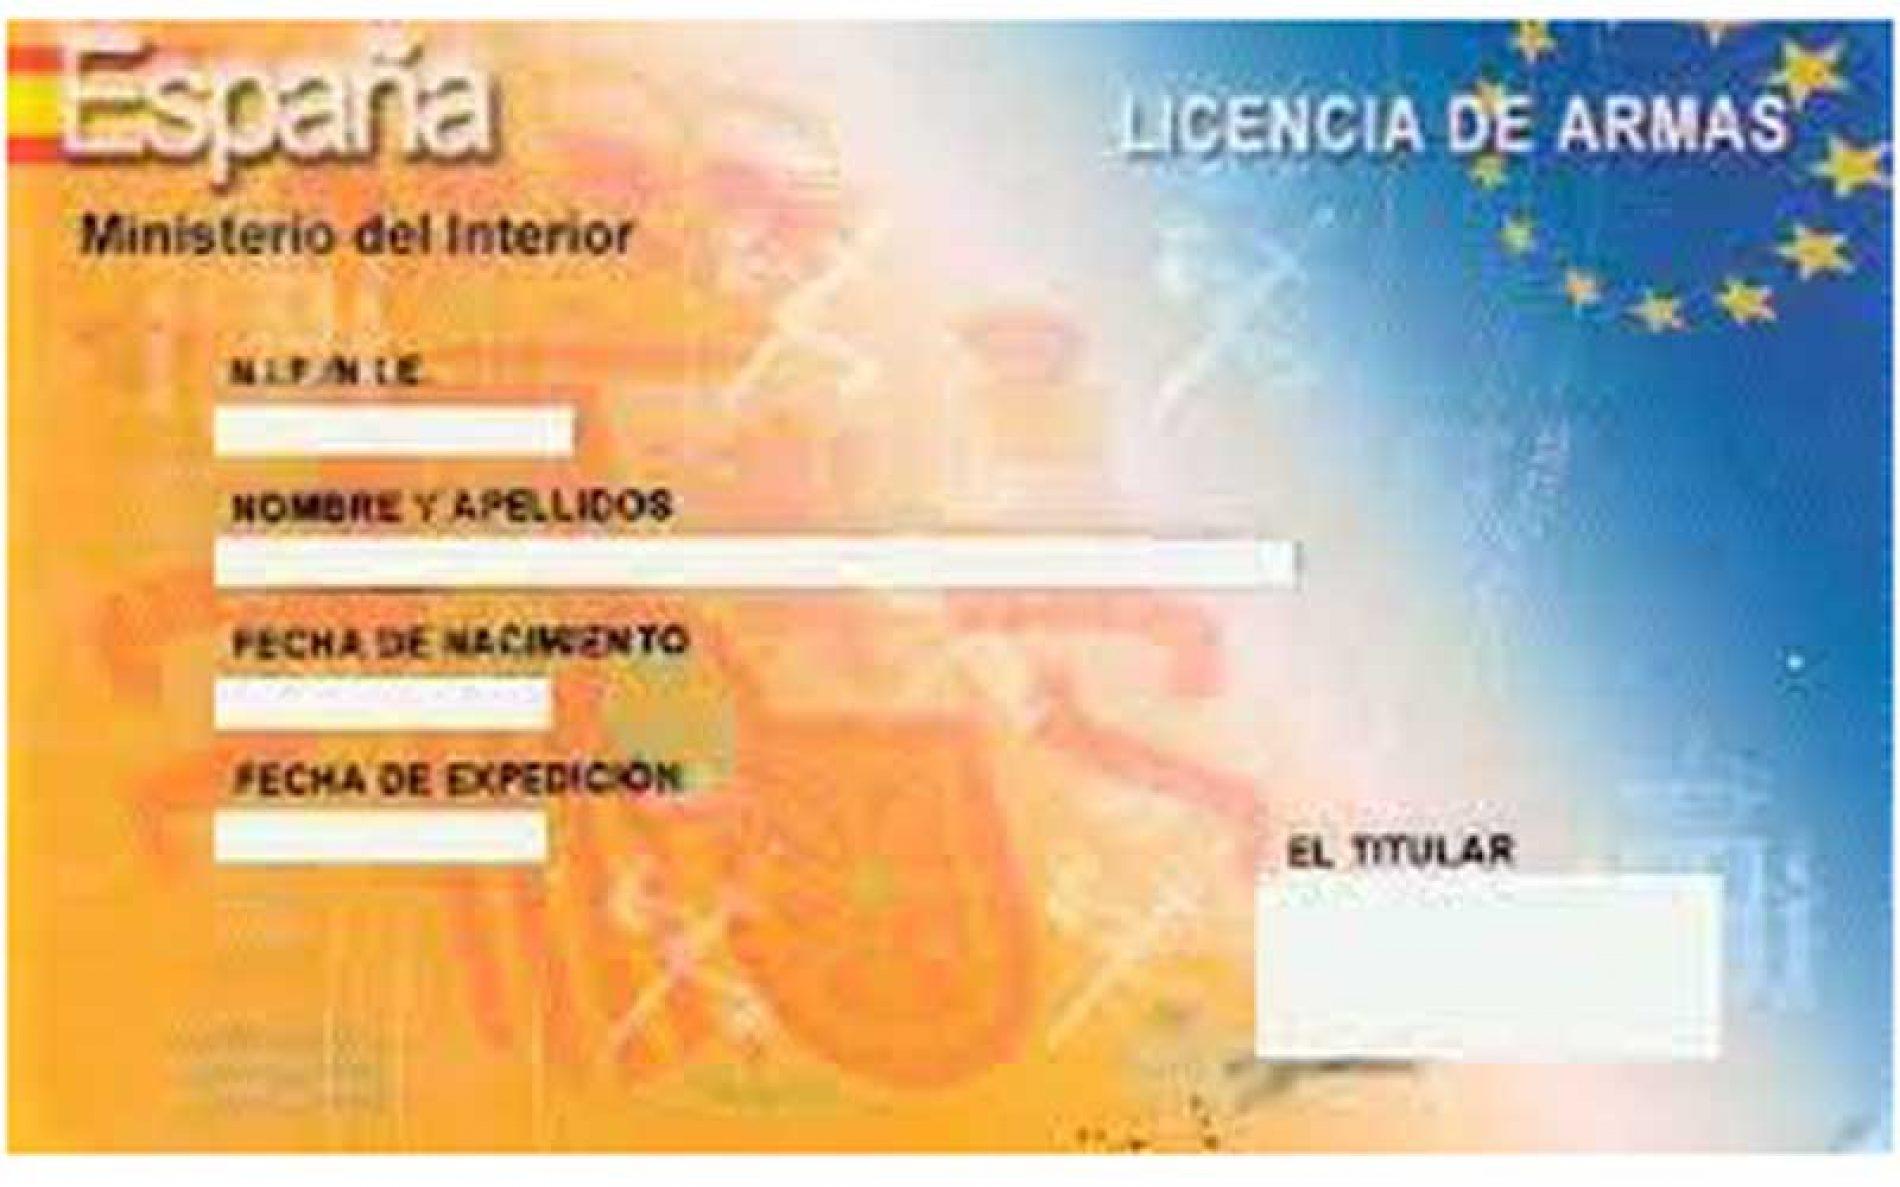 La Guardia Civil deja de comunicar por correo convencional la caducidad de las licencias de armas